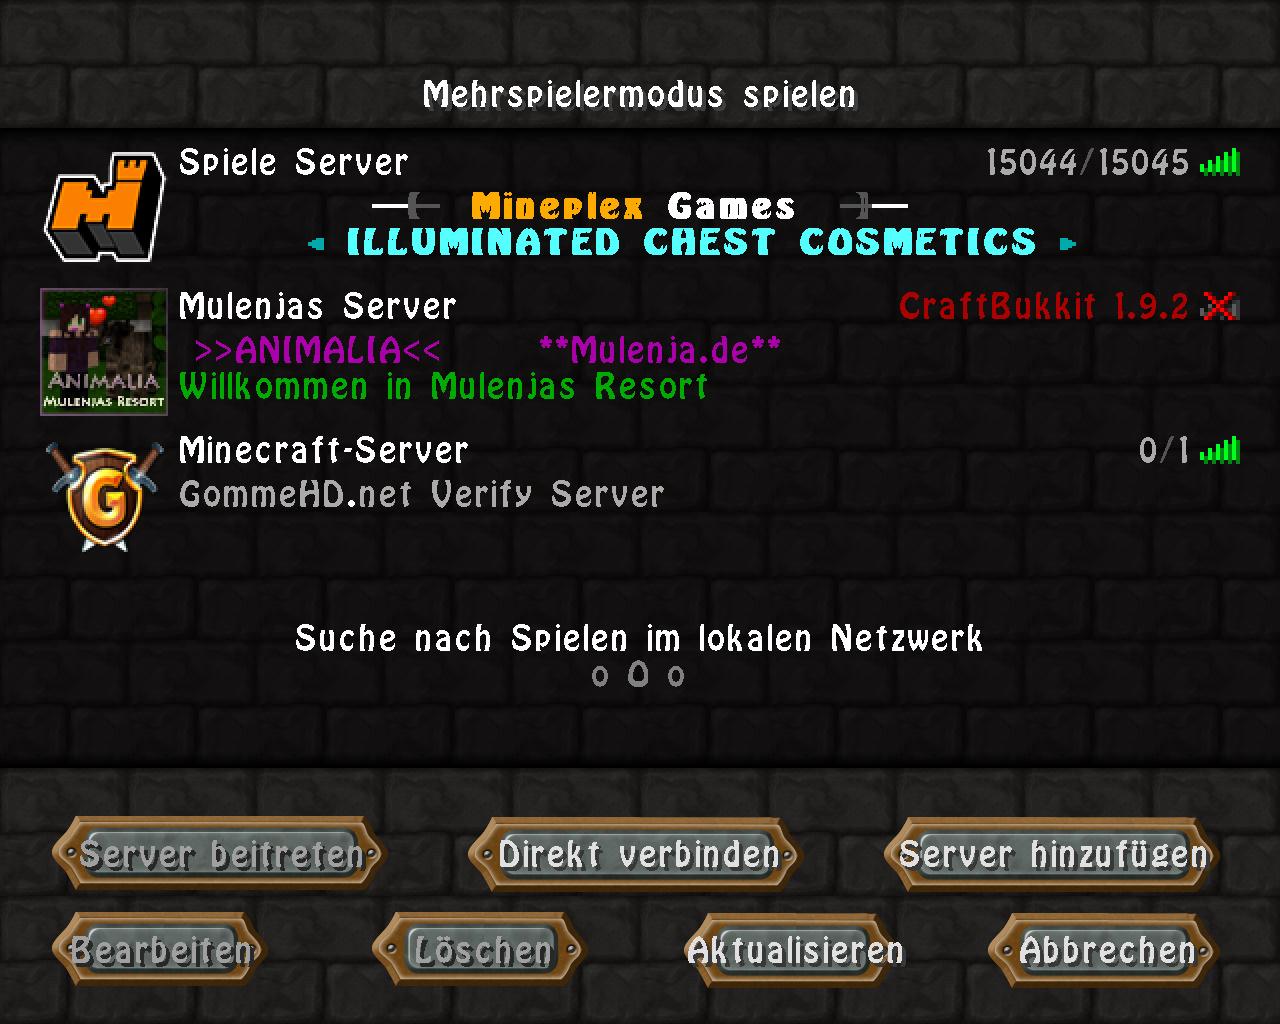 Erledigt Verify Server GommeHDnet - Minecraft server erstellen wie gommehd